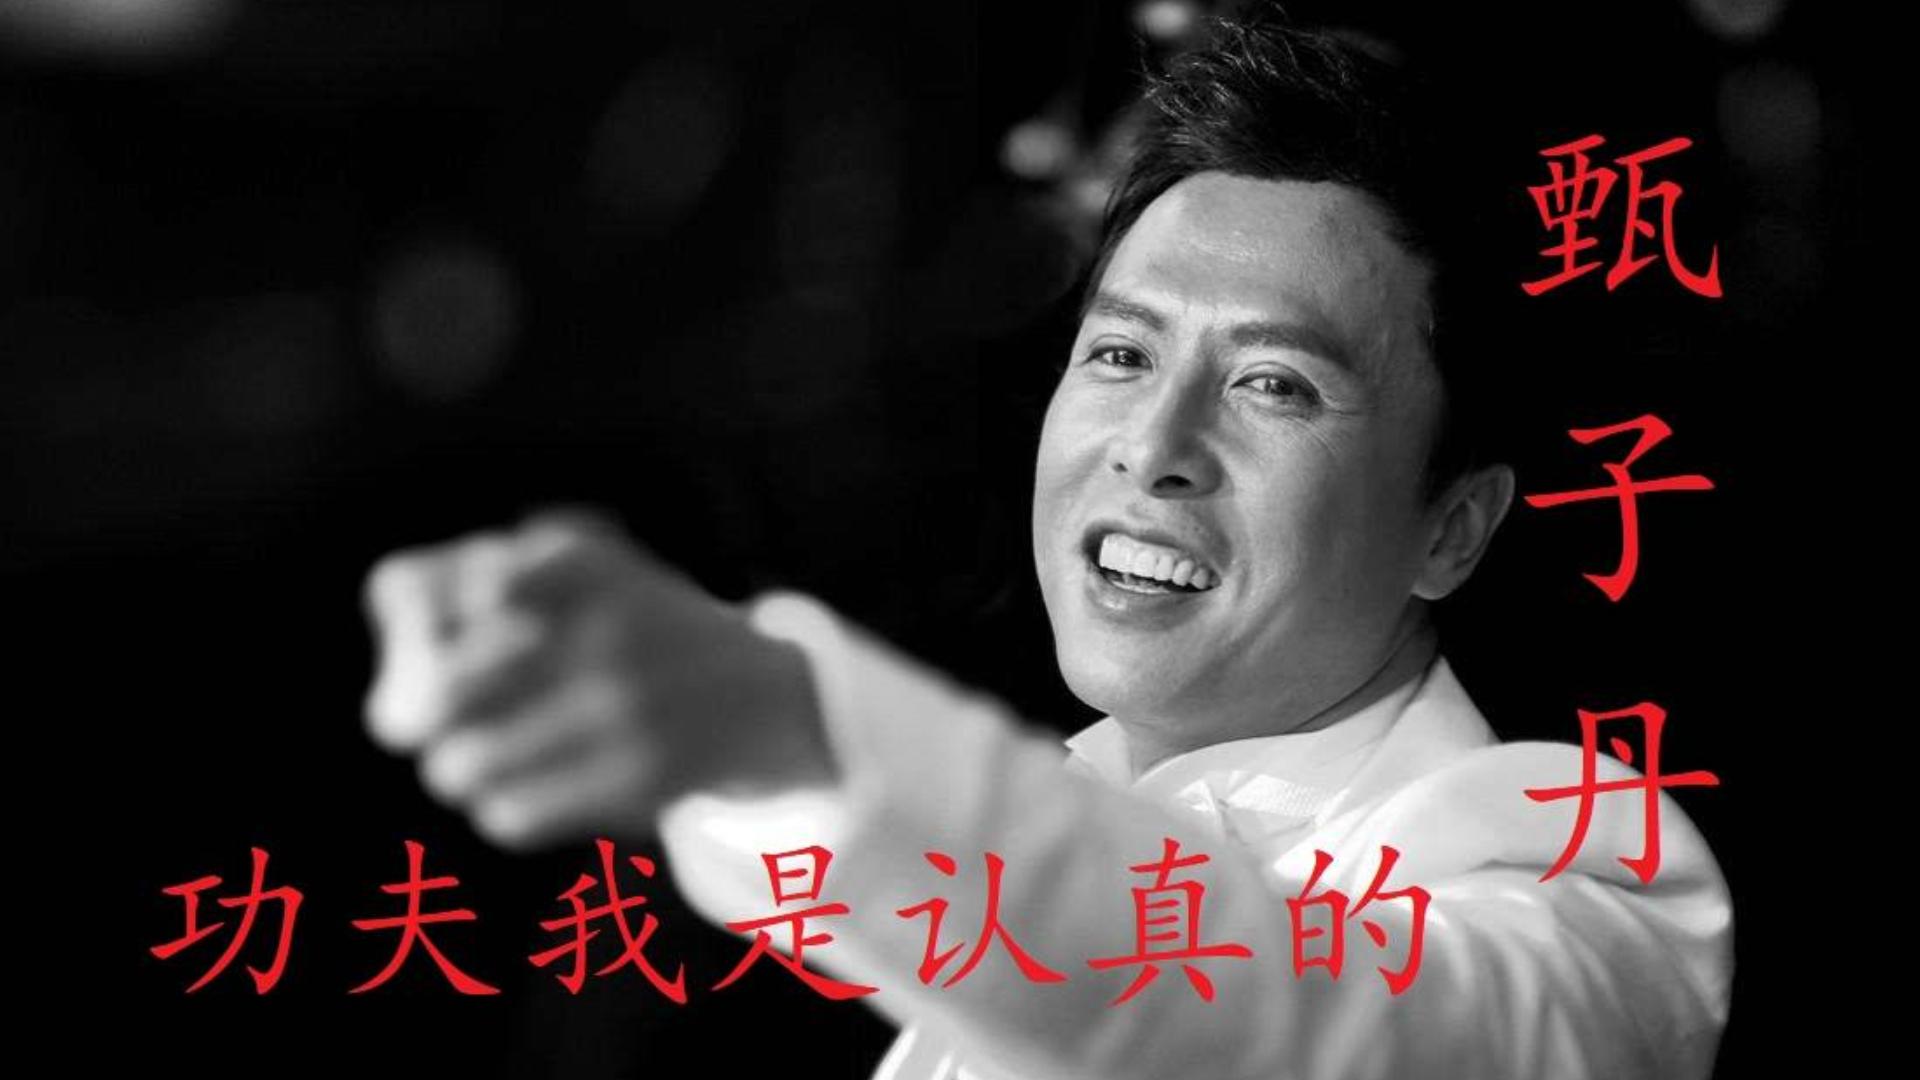 【电影盘点】甄子丹的五大名场面盘点